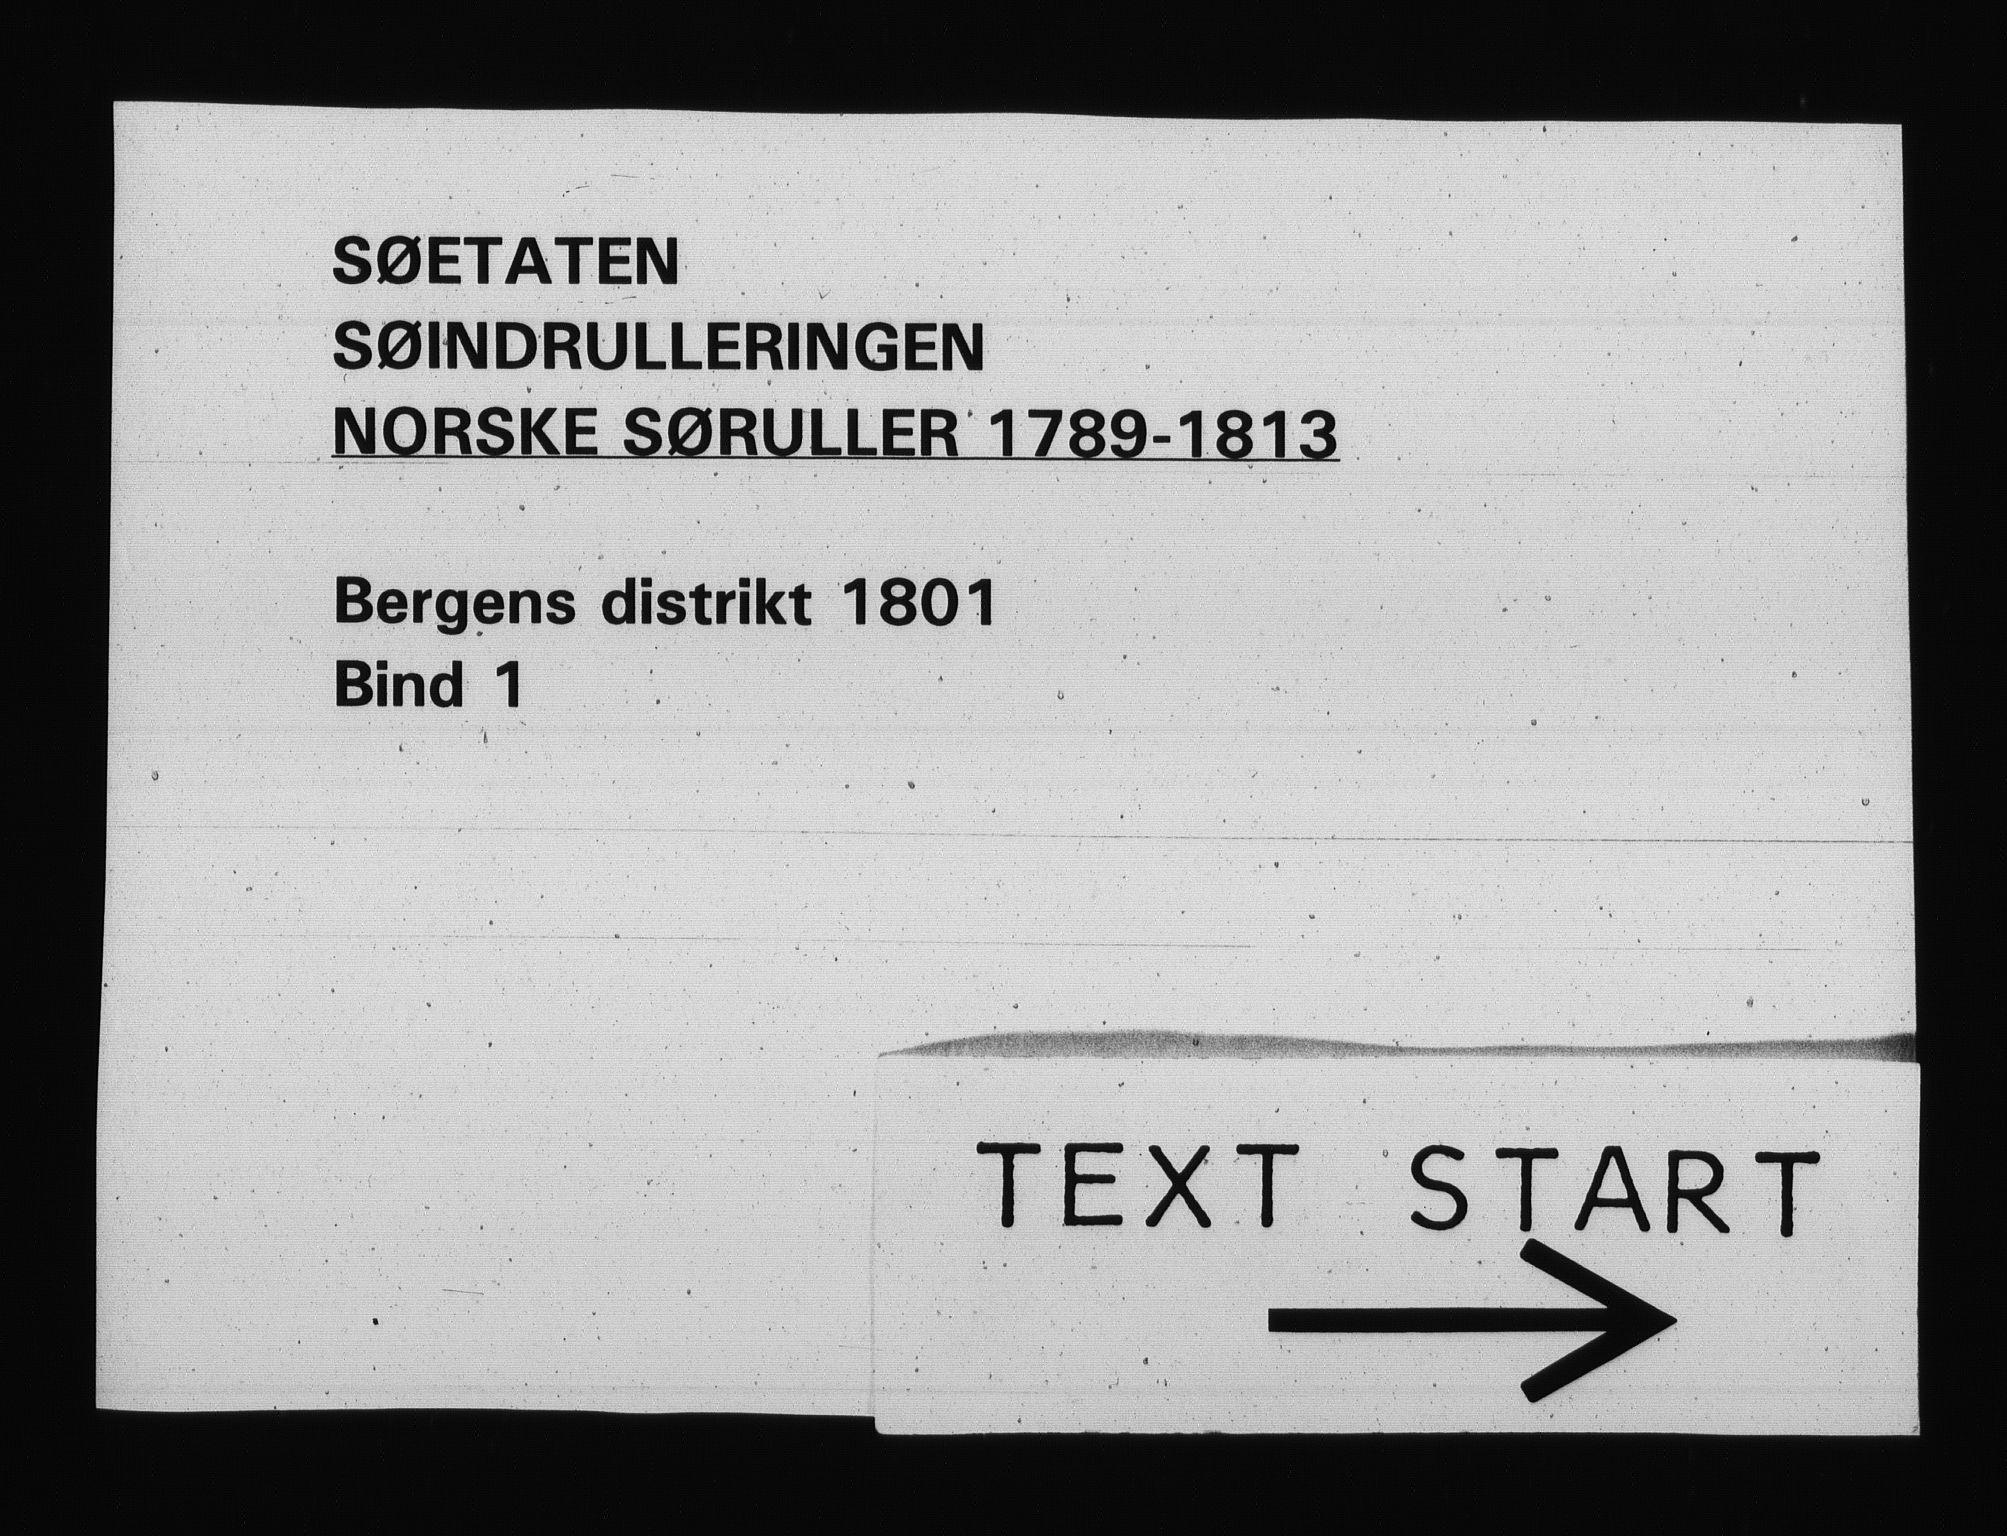 RA, Sjøetaten, F/L0233: Bergen distrikt, bind 1, 1801